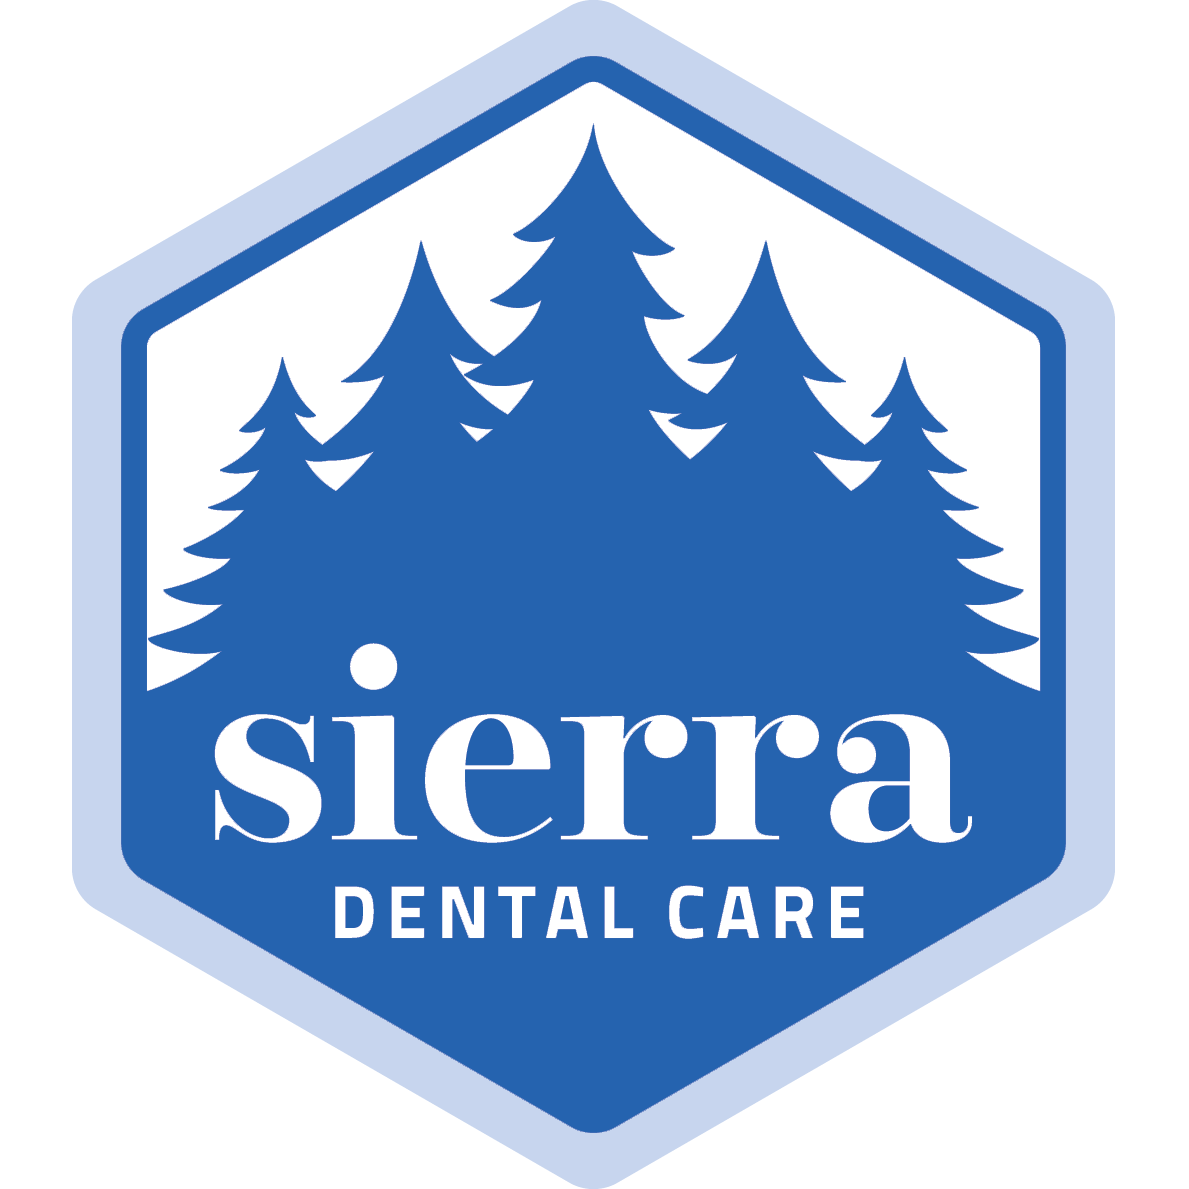 Sierra Dental Care